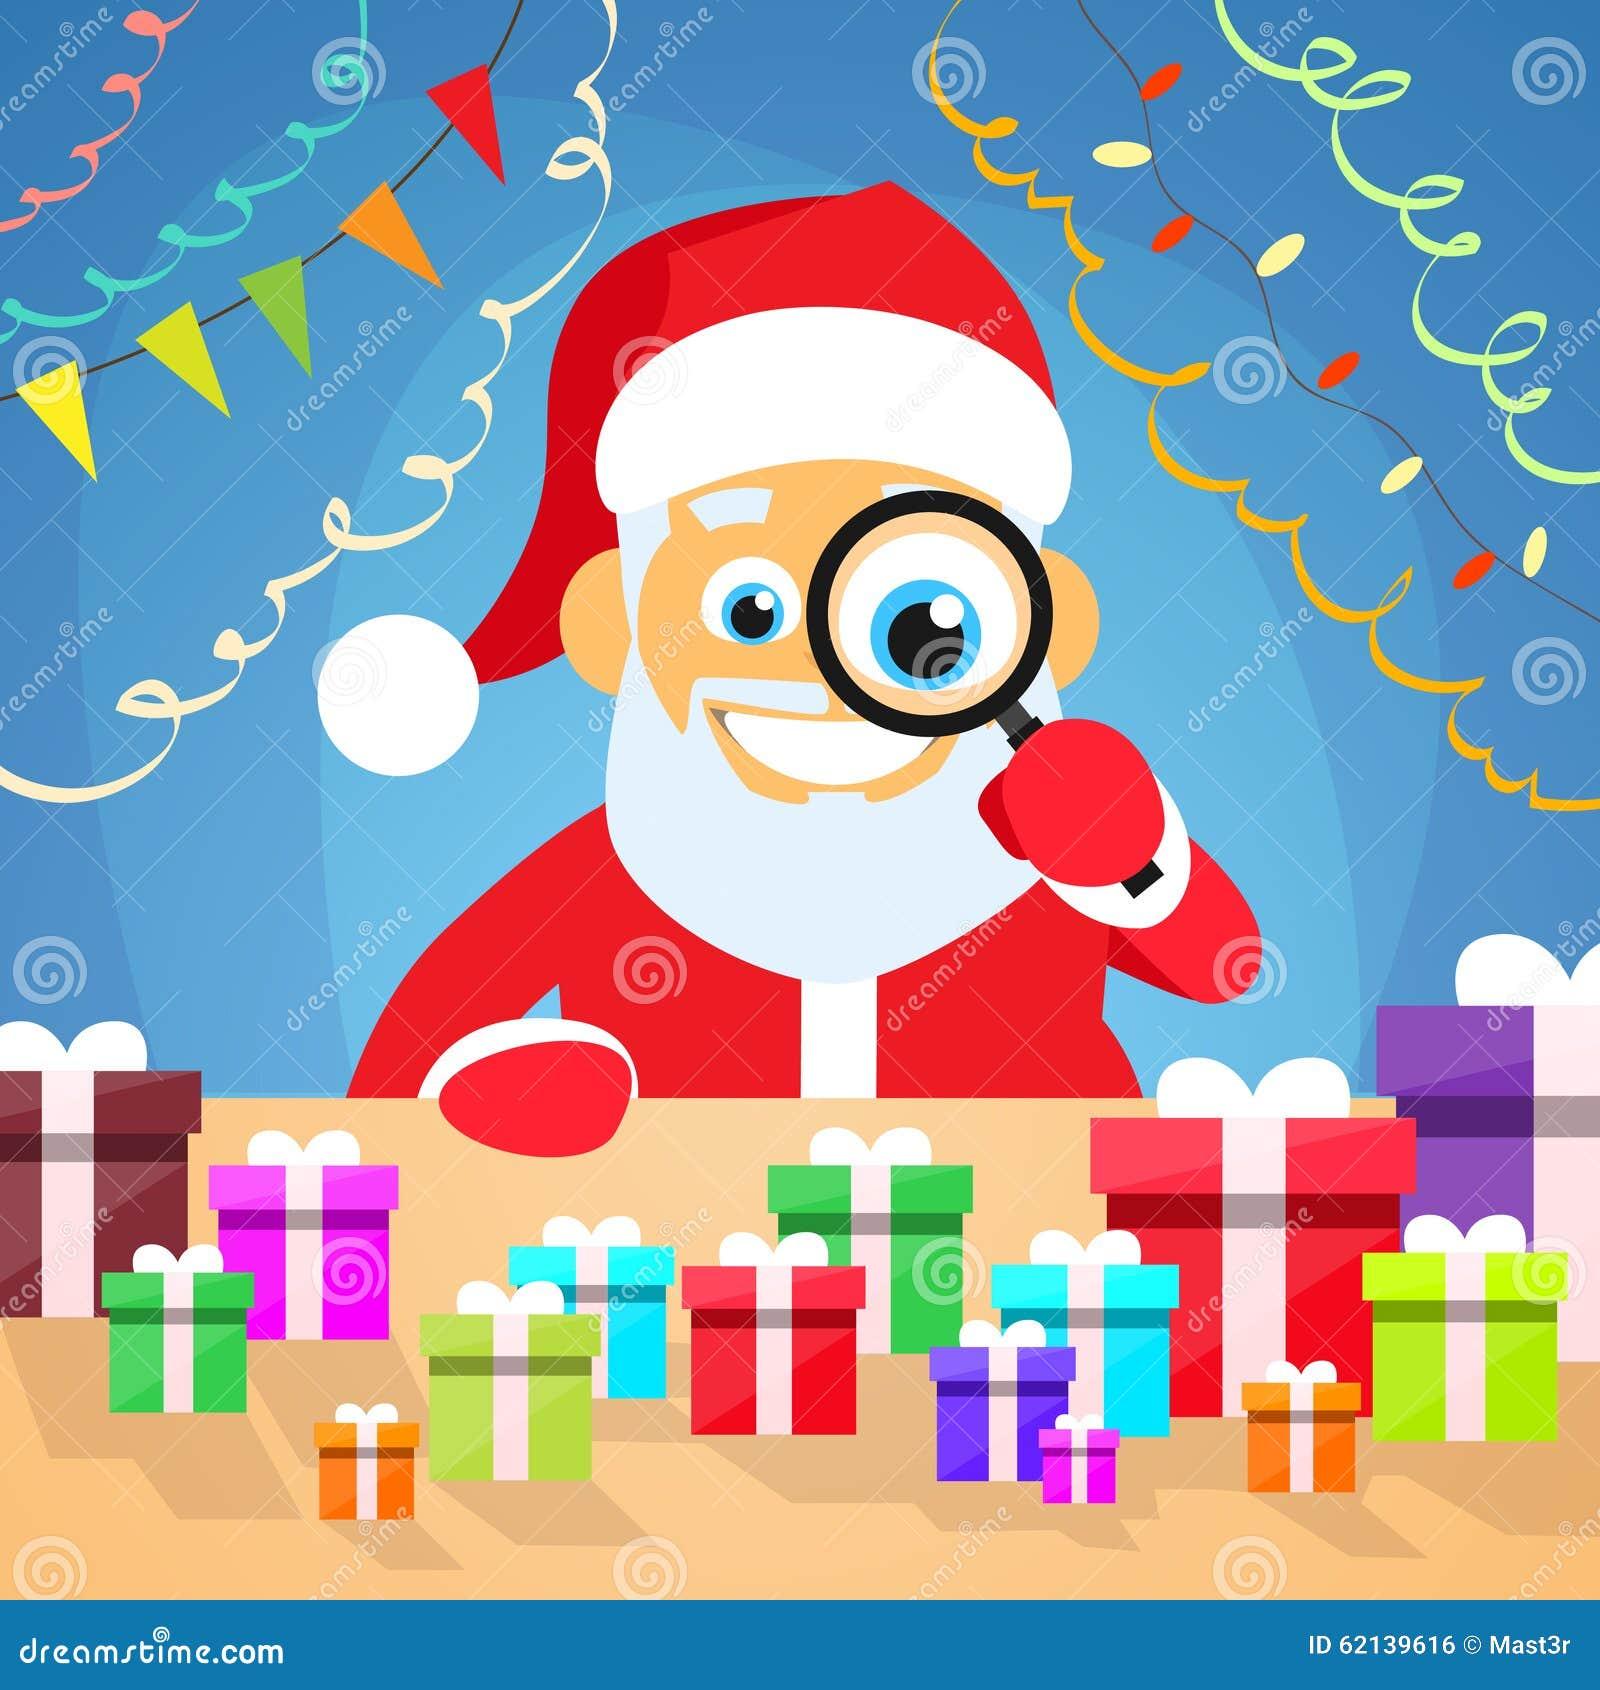 Santa Claus Christmas Holiday Choose Gift-Kasten an